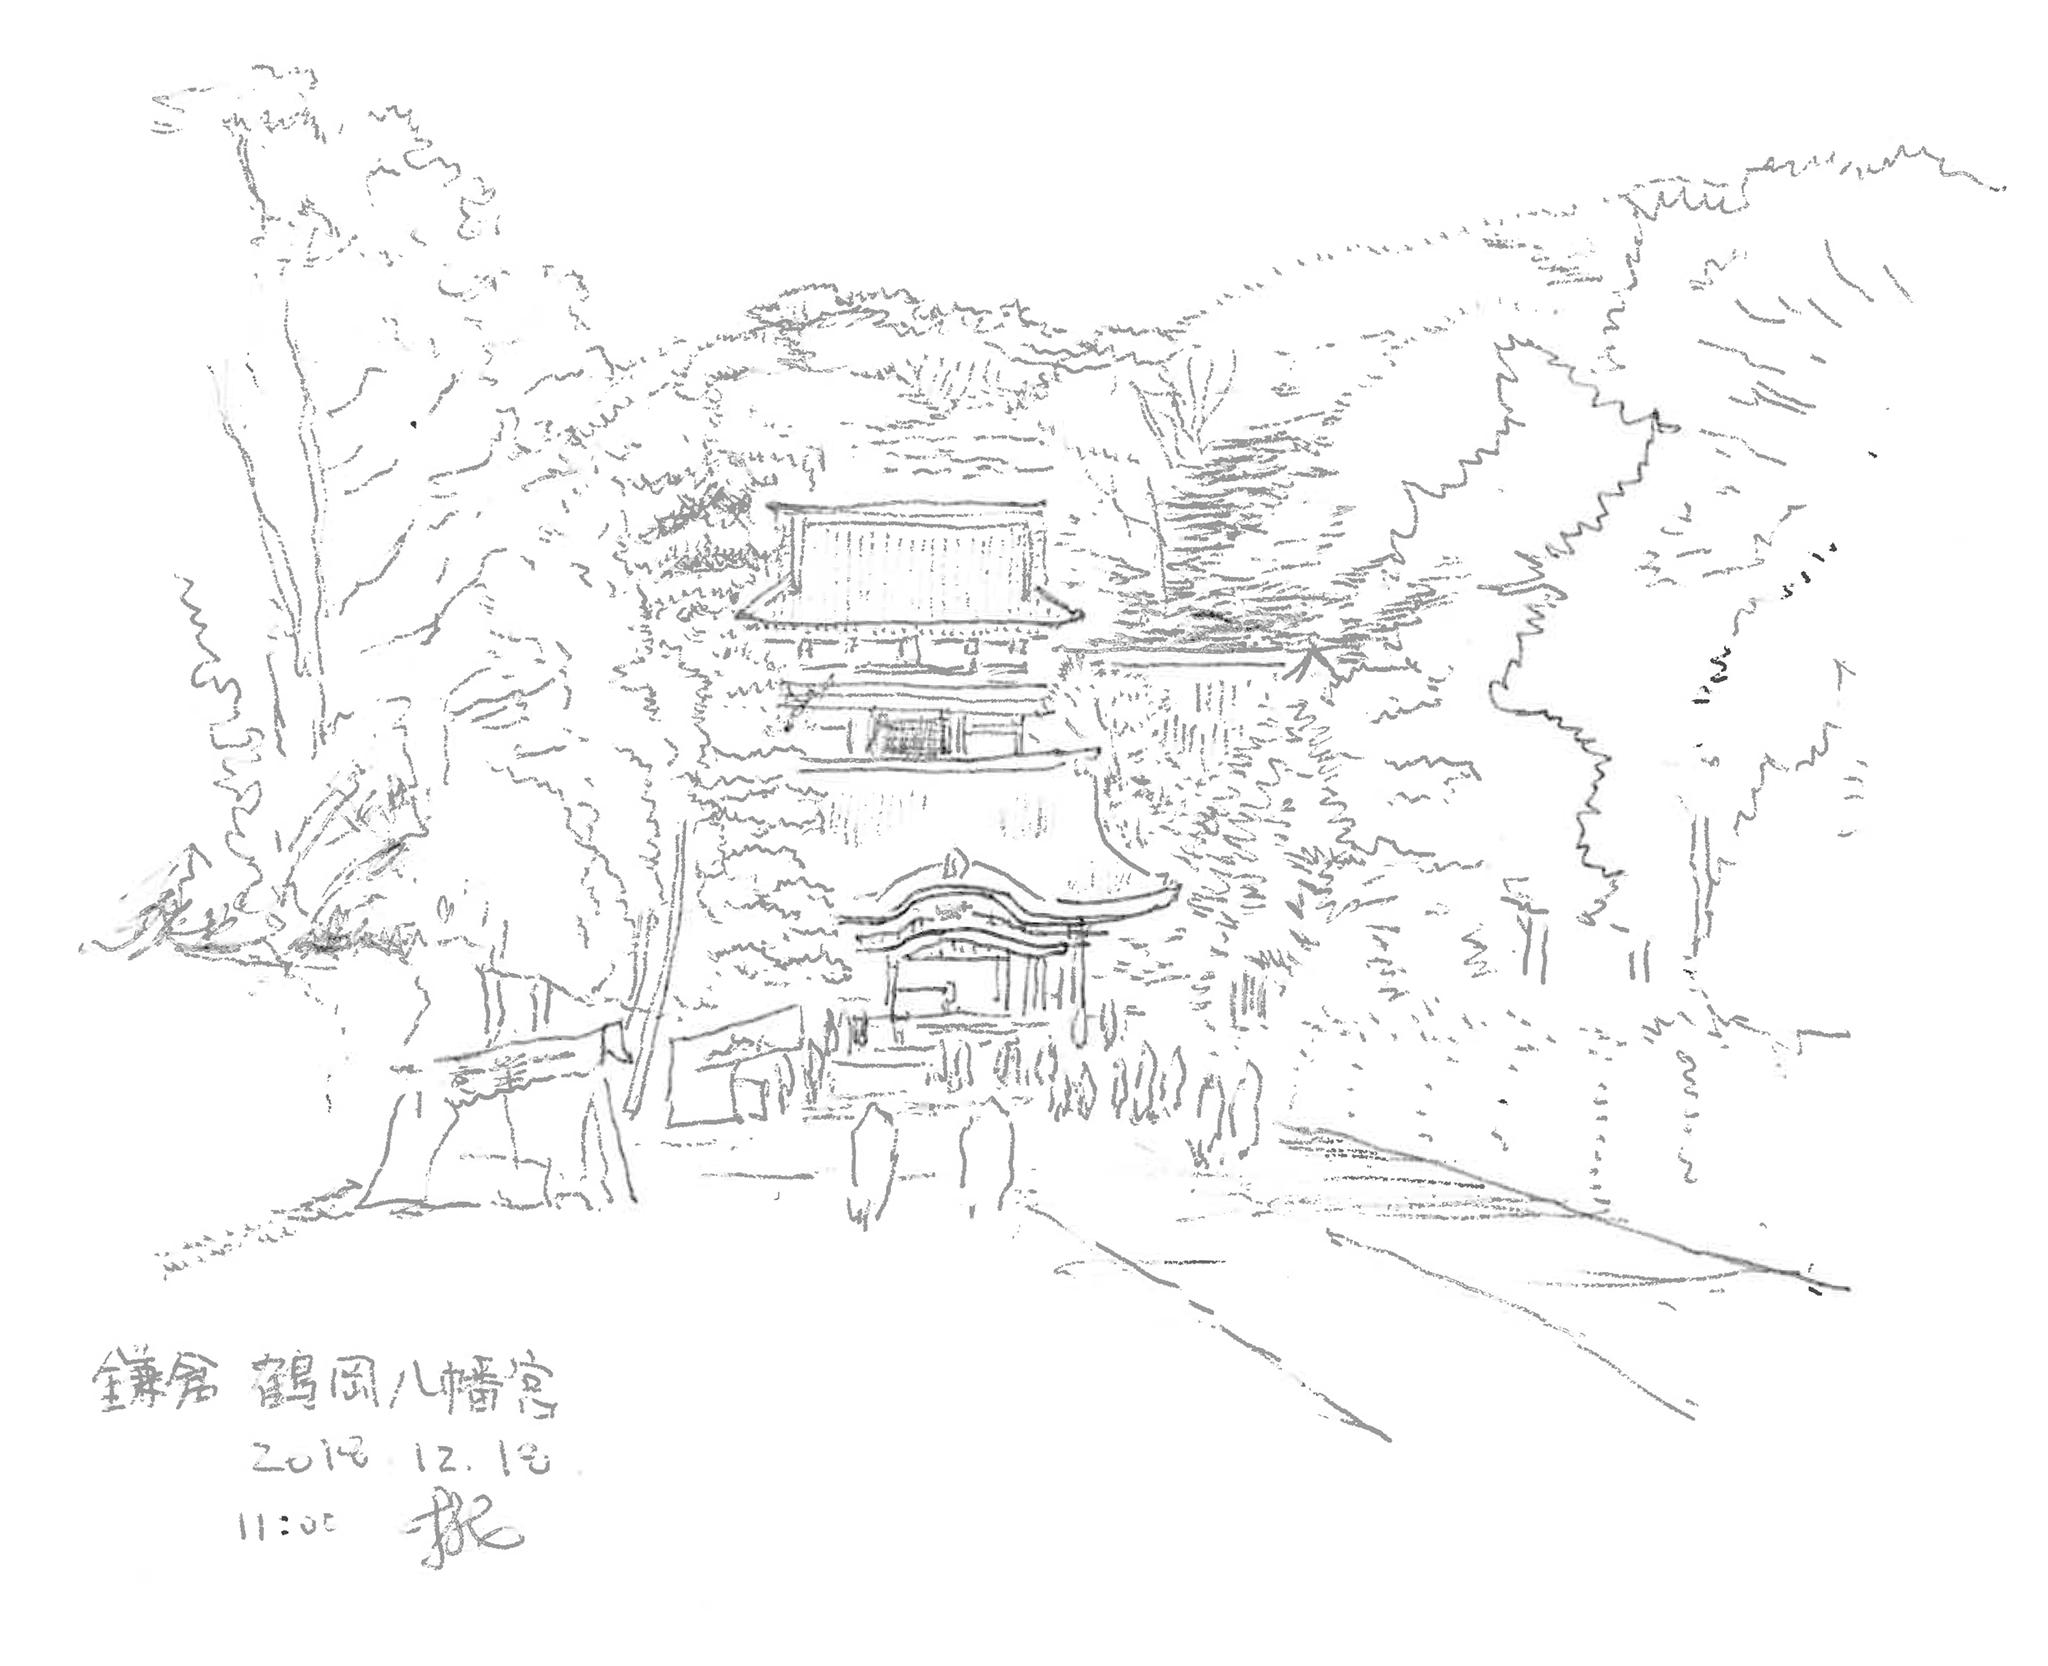 まちの中の建築スケッチ 鶴岡八幡宮